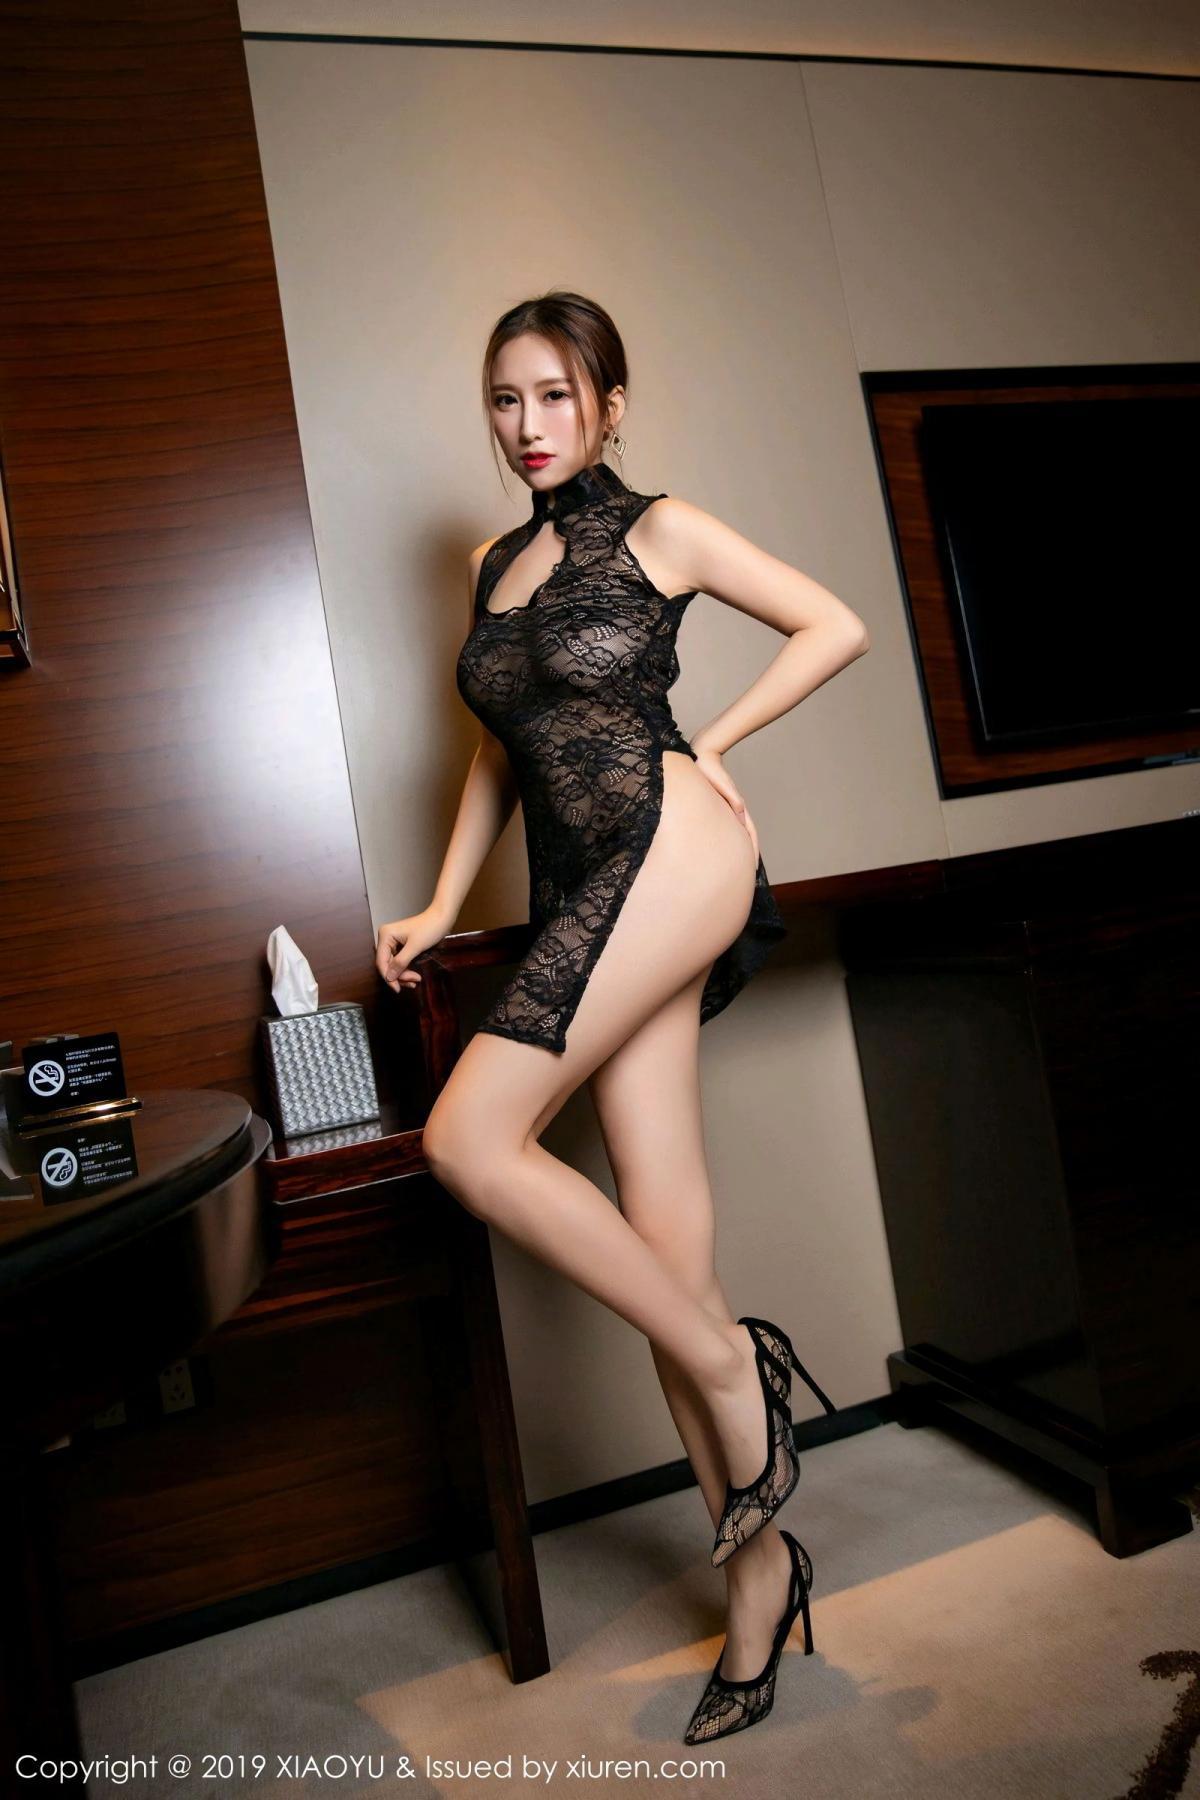 [XiaoYu] Vol.108 Yue Yin Tong 1P, Underwear, XiaoYu, Yue Yin Tong